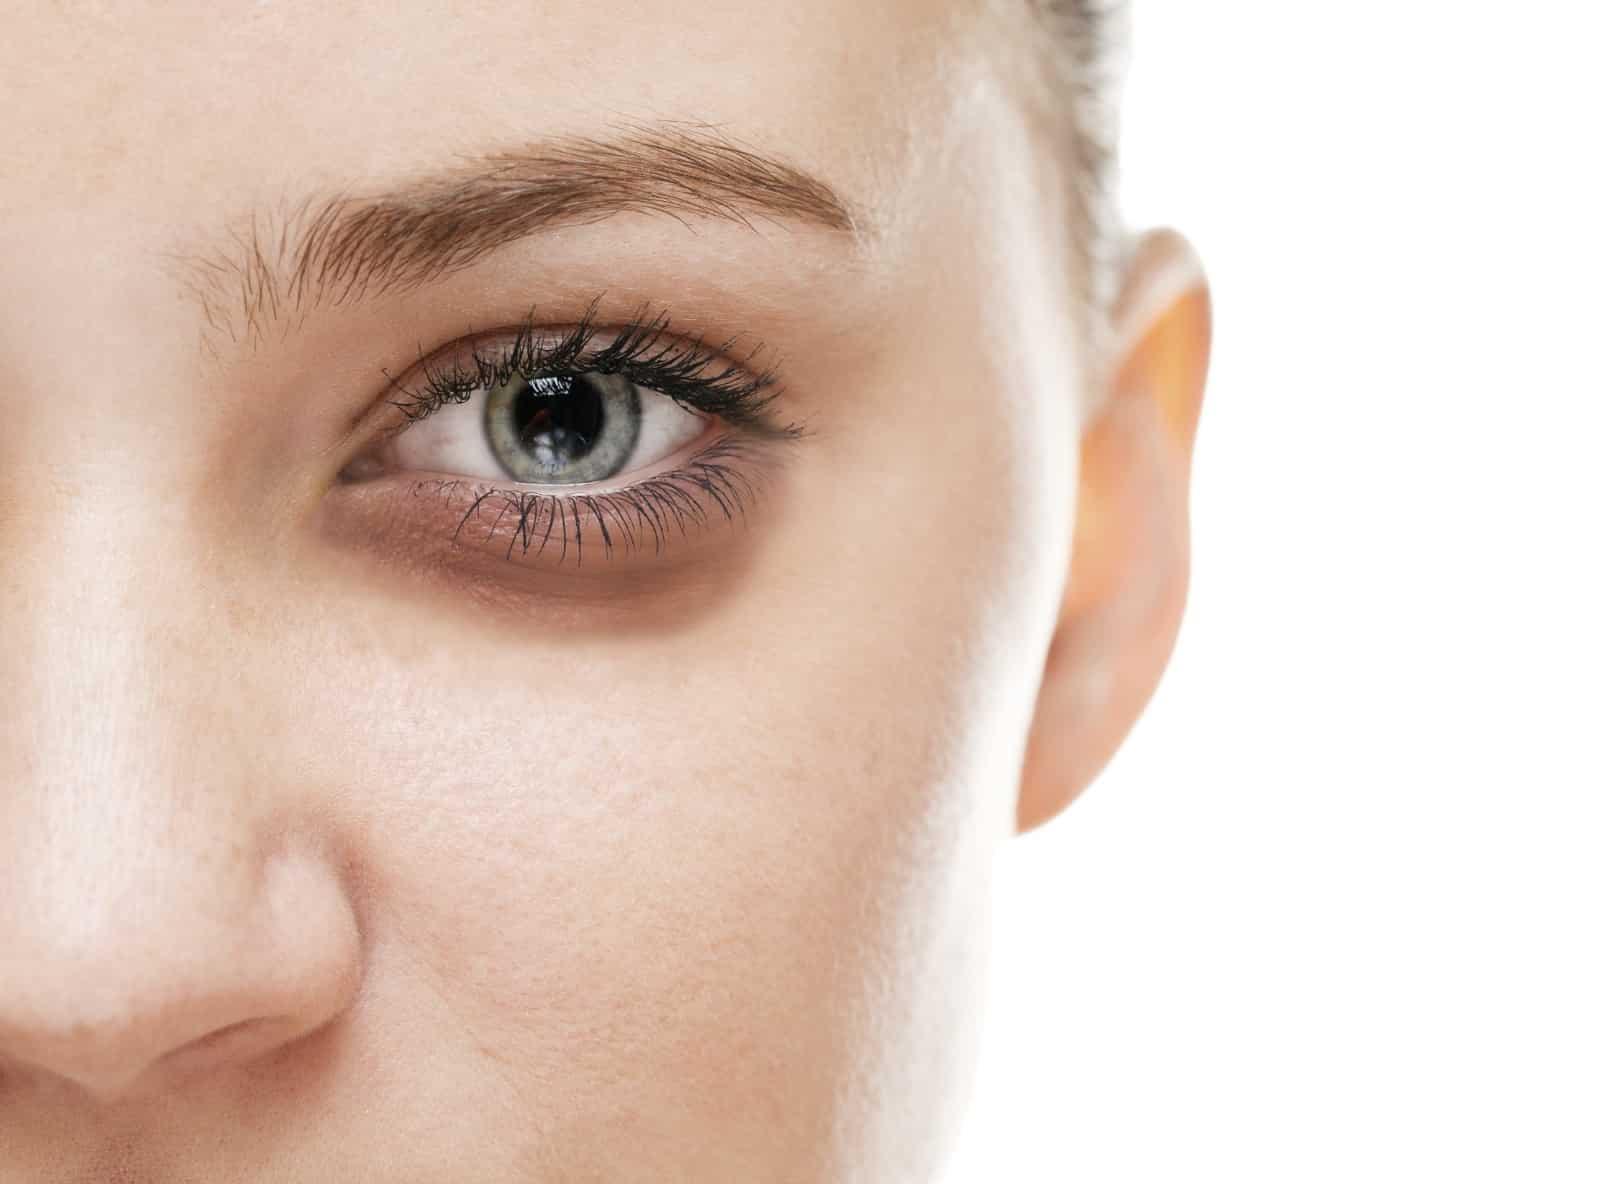 göz altı morlukları, göz altı morluklarından kurtulma, göz altı morluğu nasıl geçer